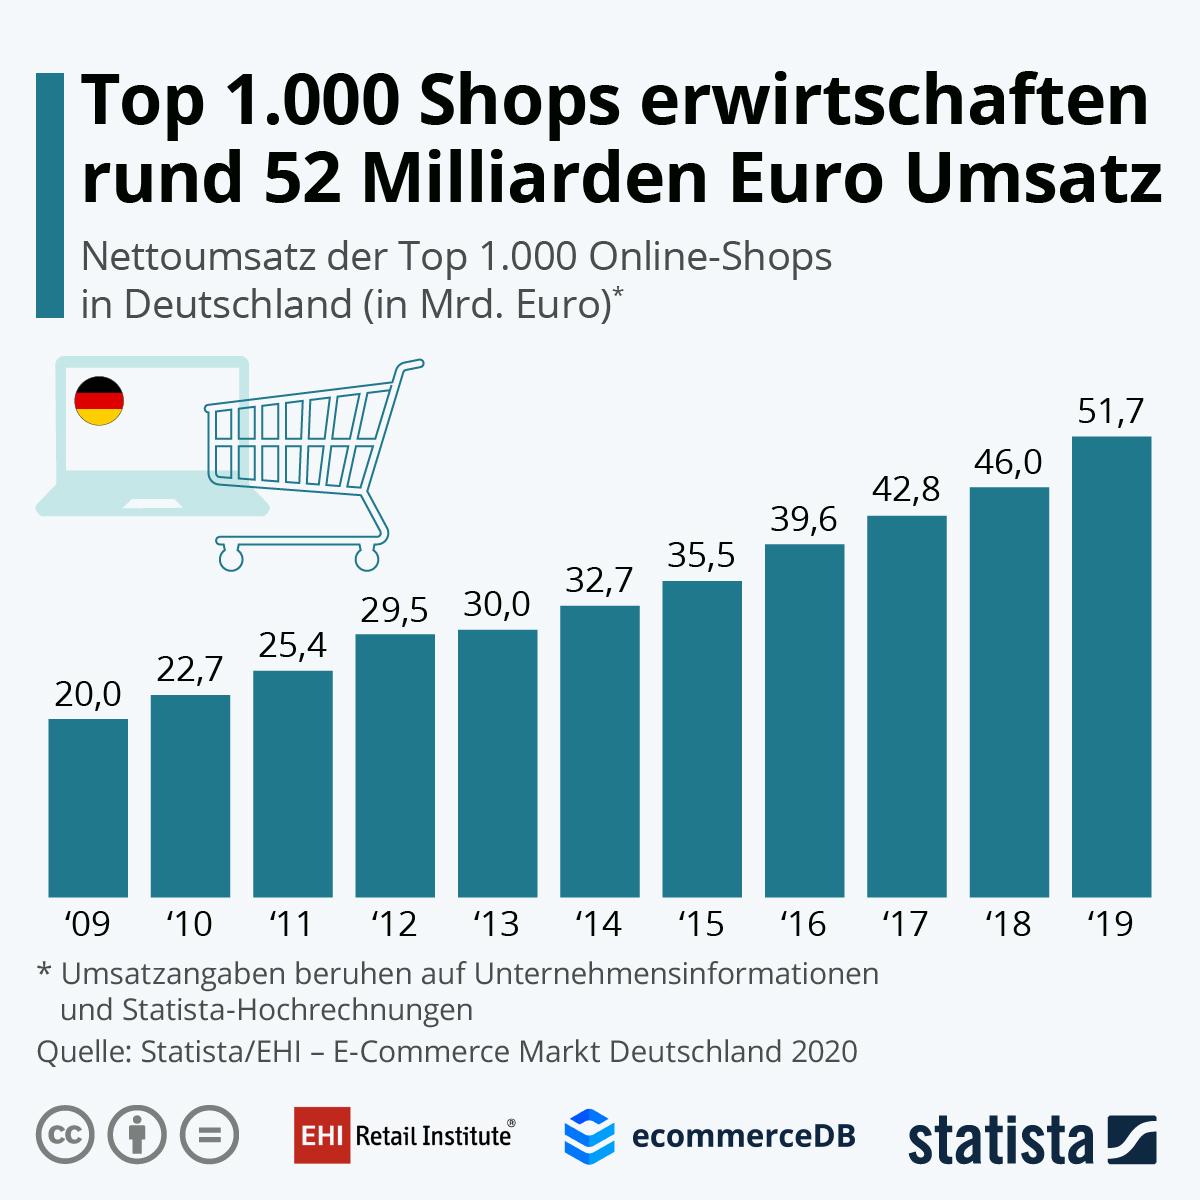 Top 1'000 der deutschen Onlineshops knacken 50 Milliarden Umsatzmarke